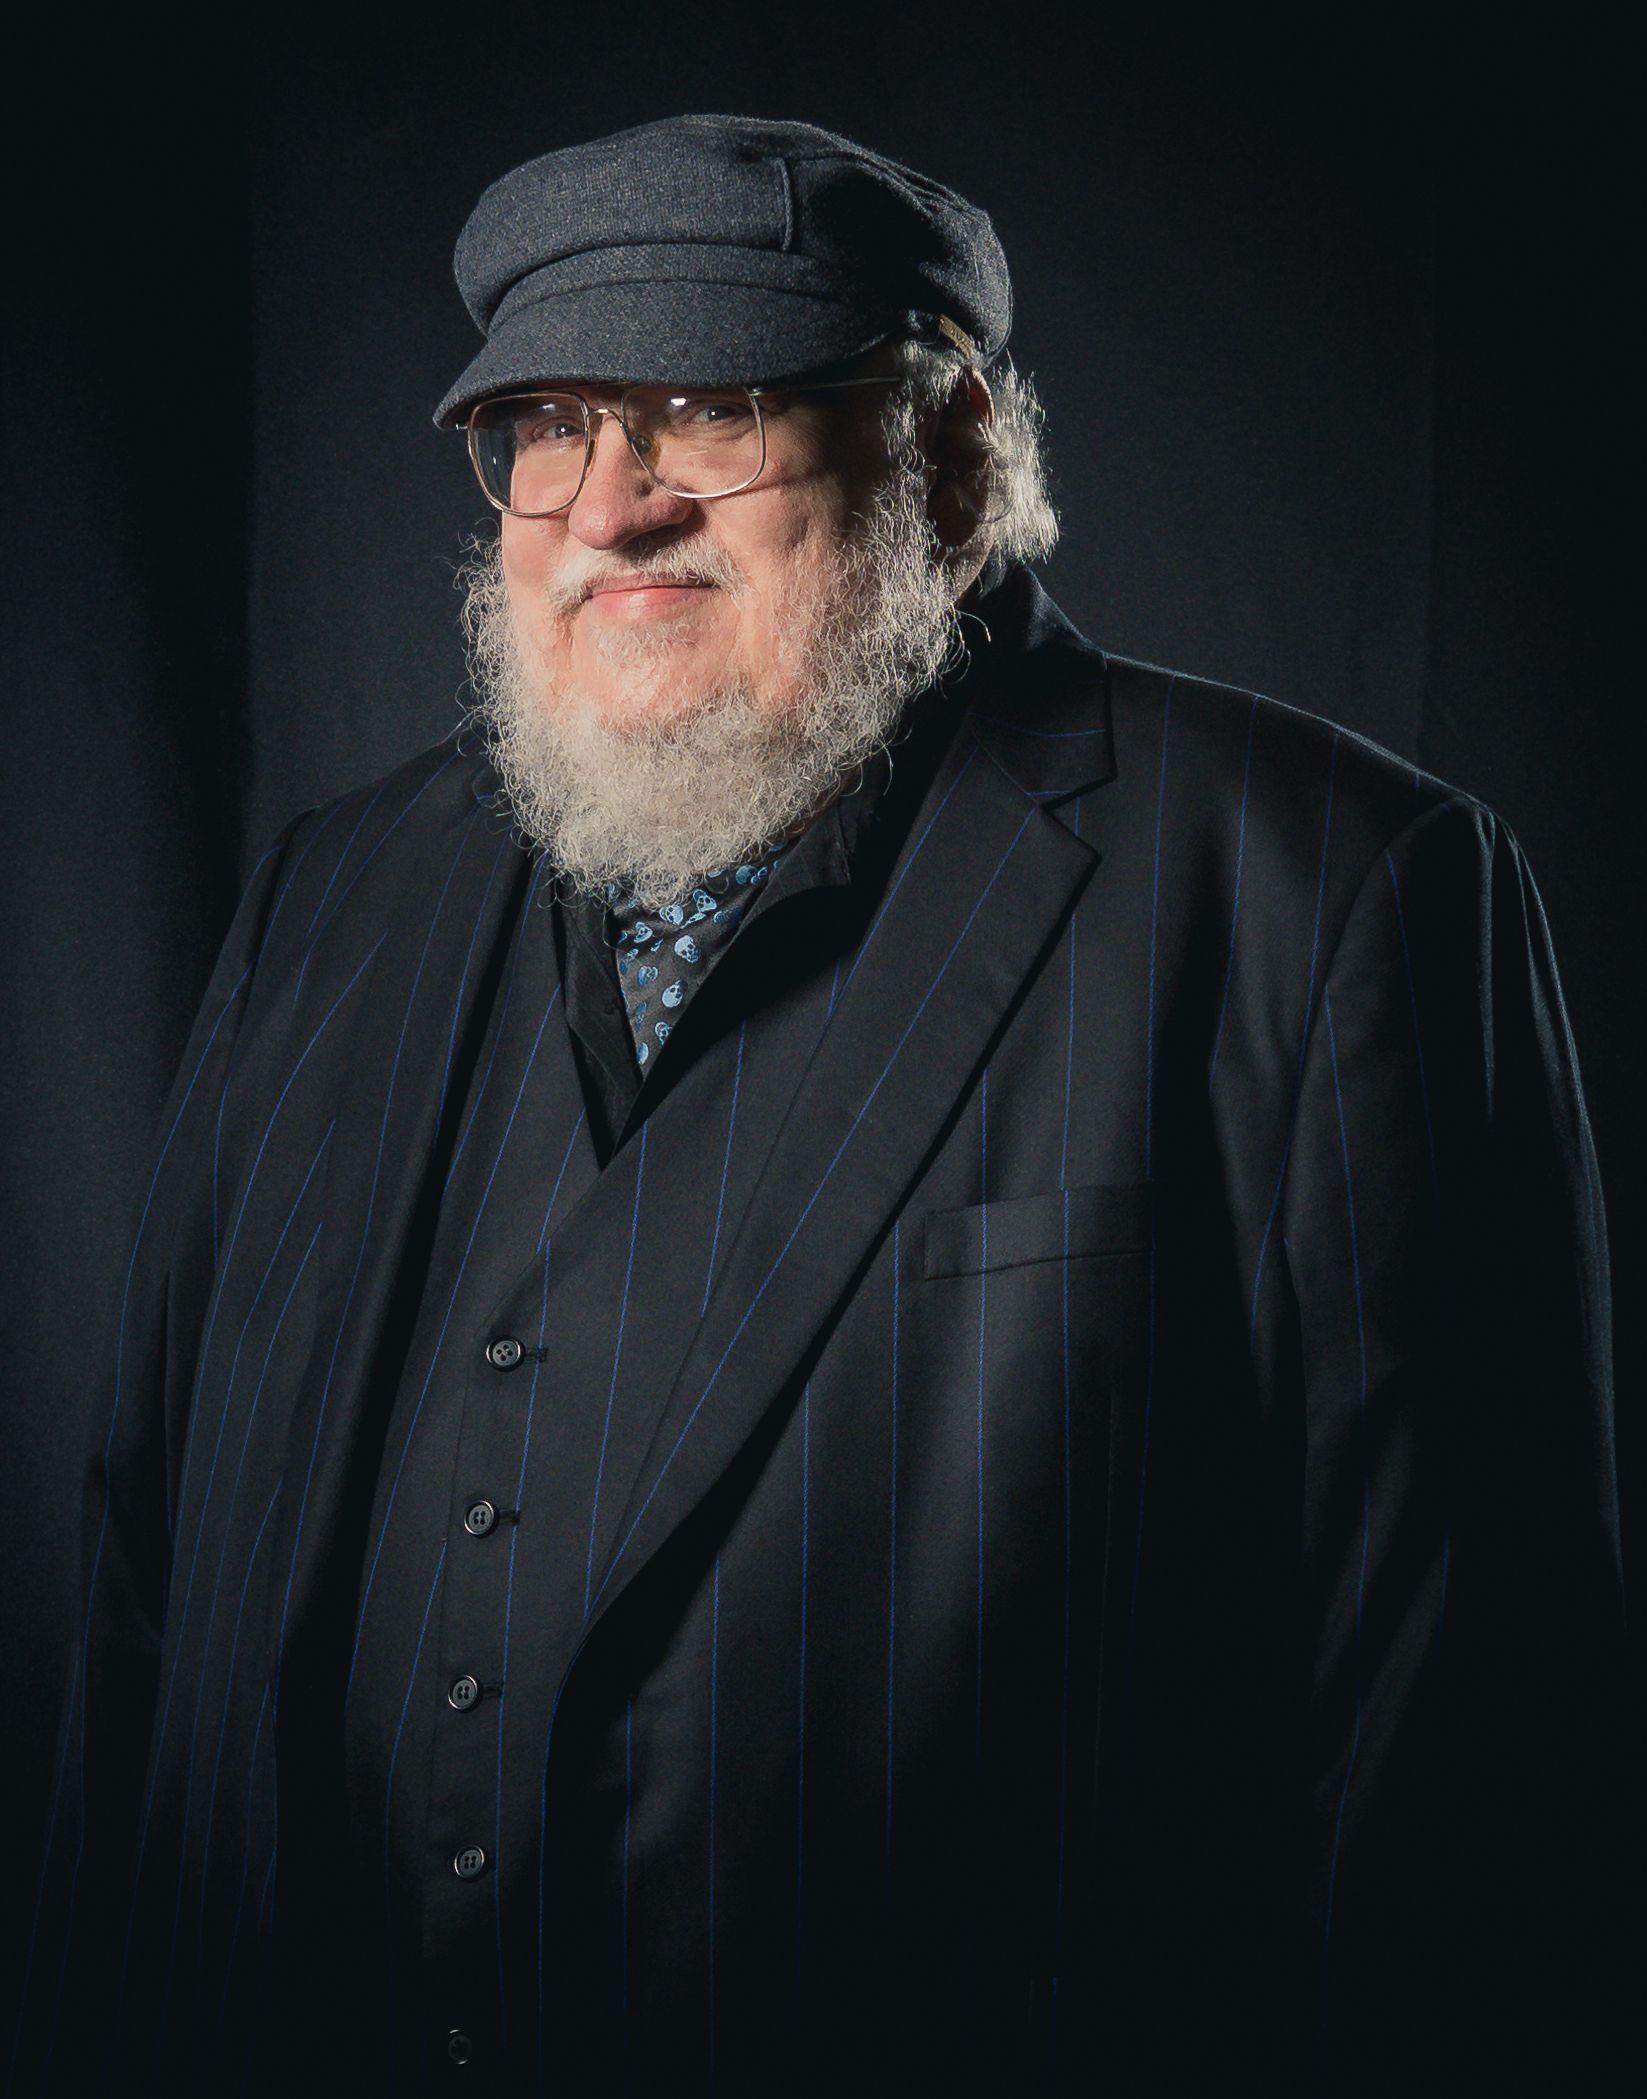 George R. R. Martin potvrdil, že záver knižného Game of Thrones bude odlišný. Niektoré veci sa ale nezmenia